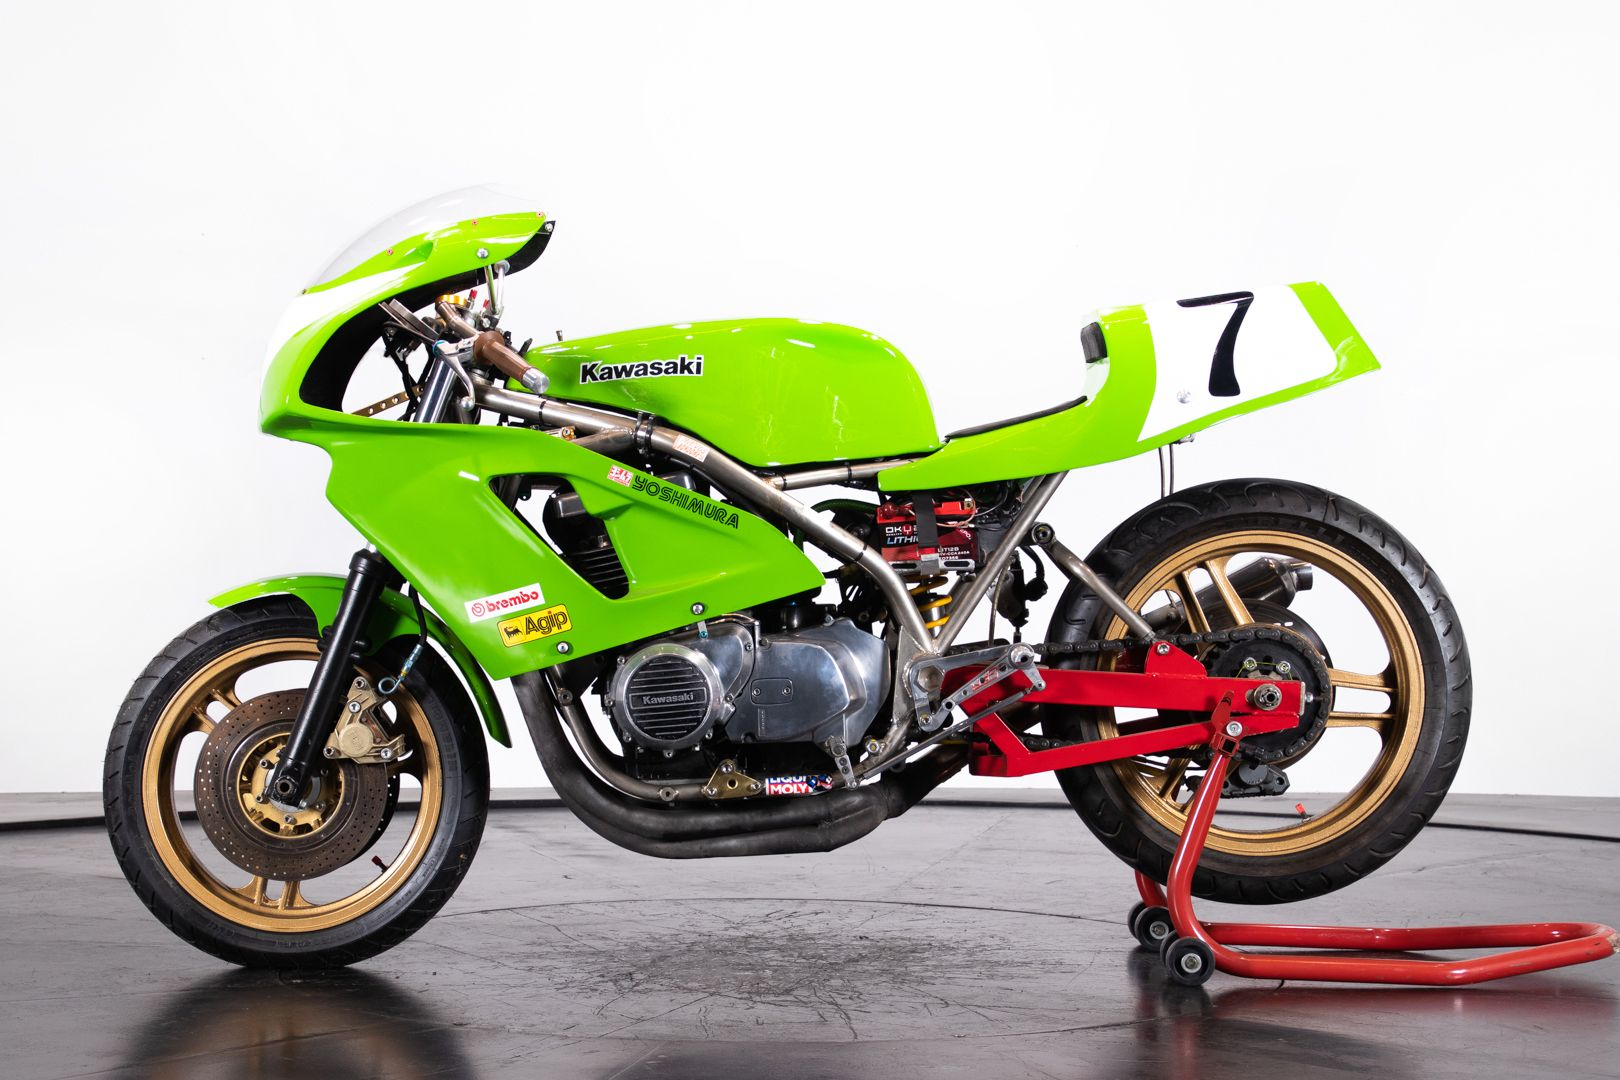 1981 Kawasaki Nico Bakker 74881